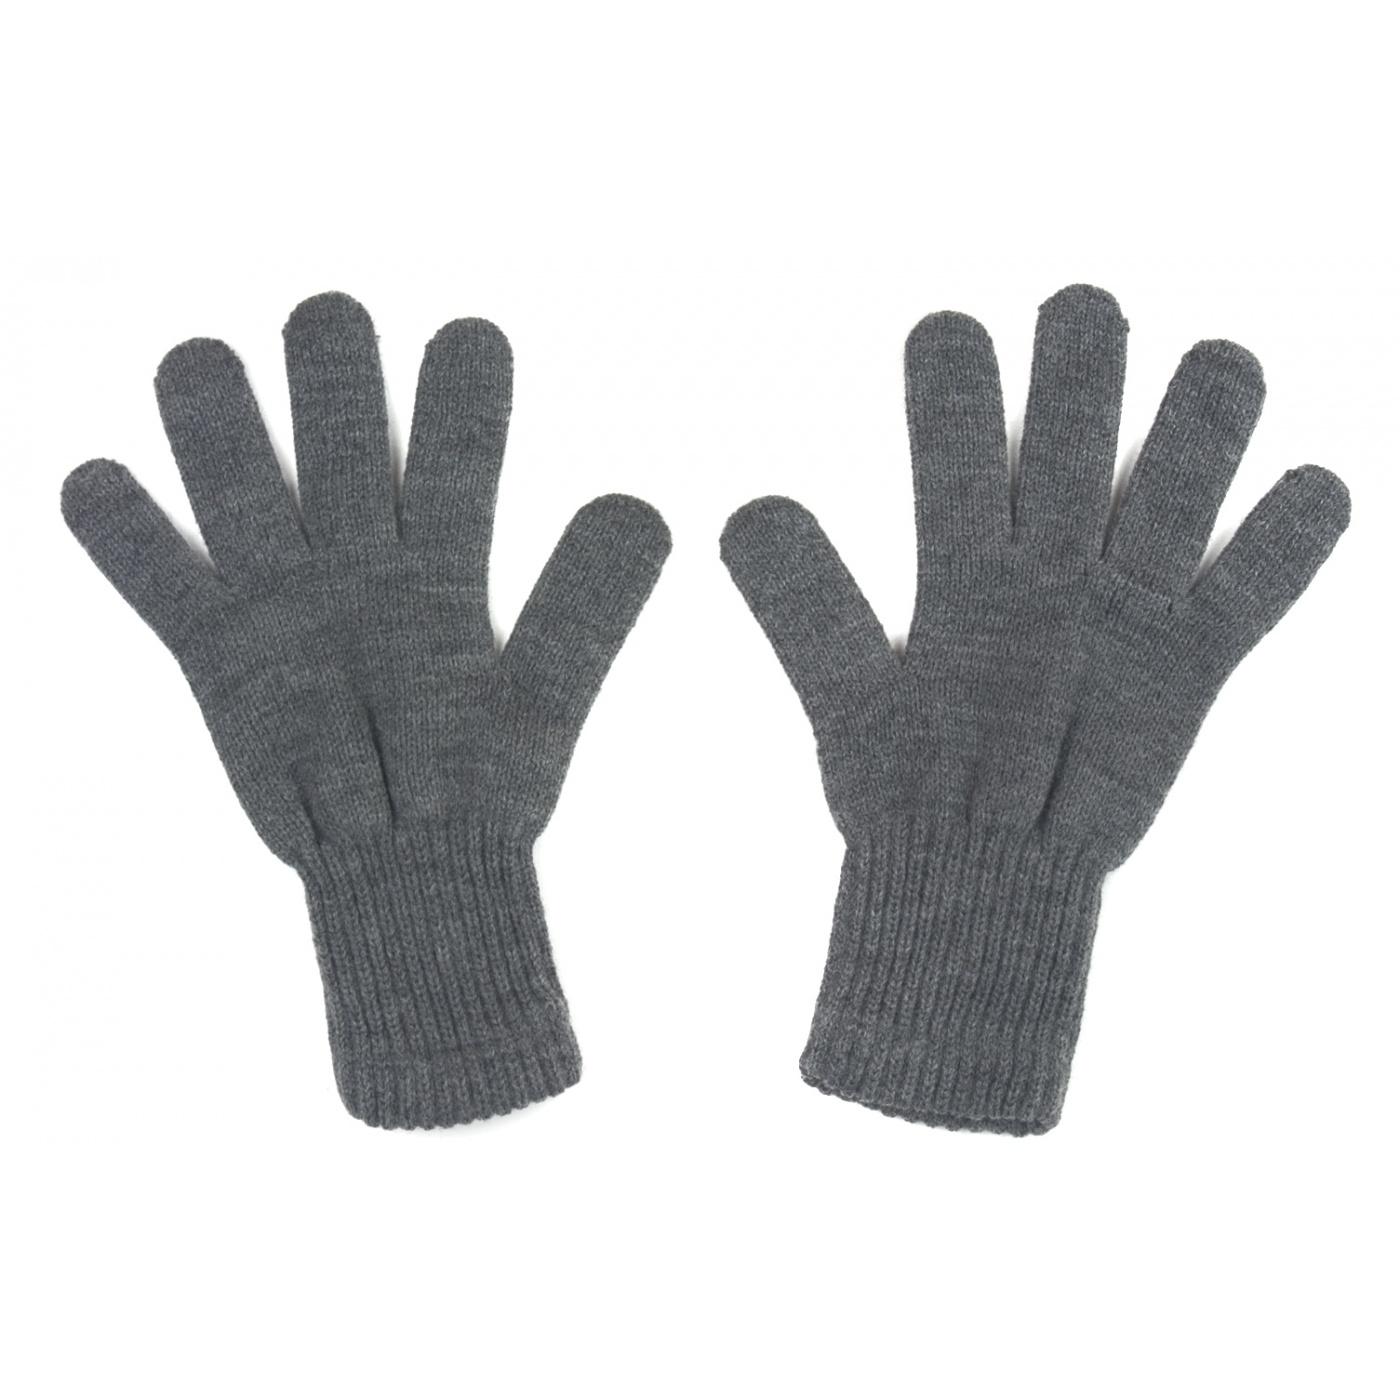 Męskie rękawiczki zimowe: grafitowe